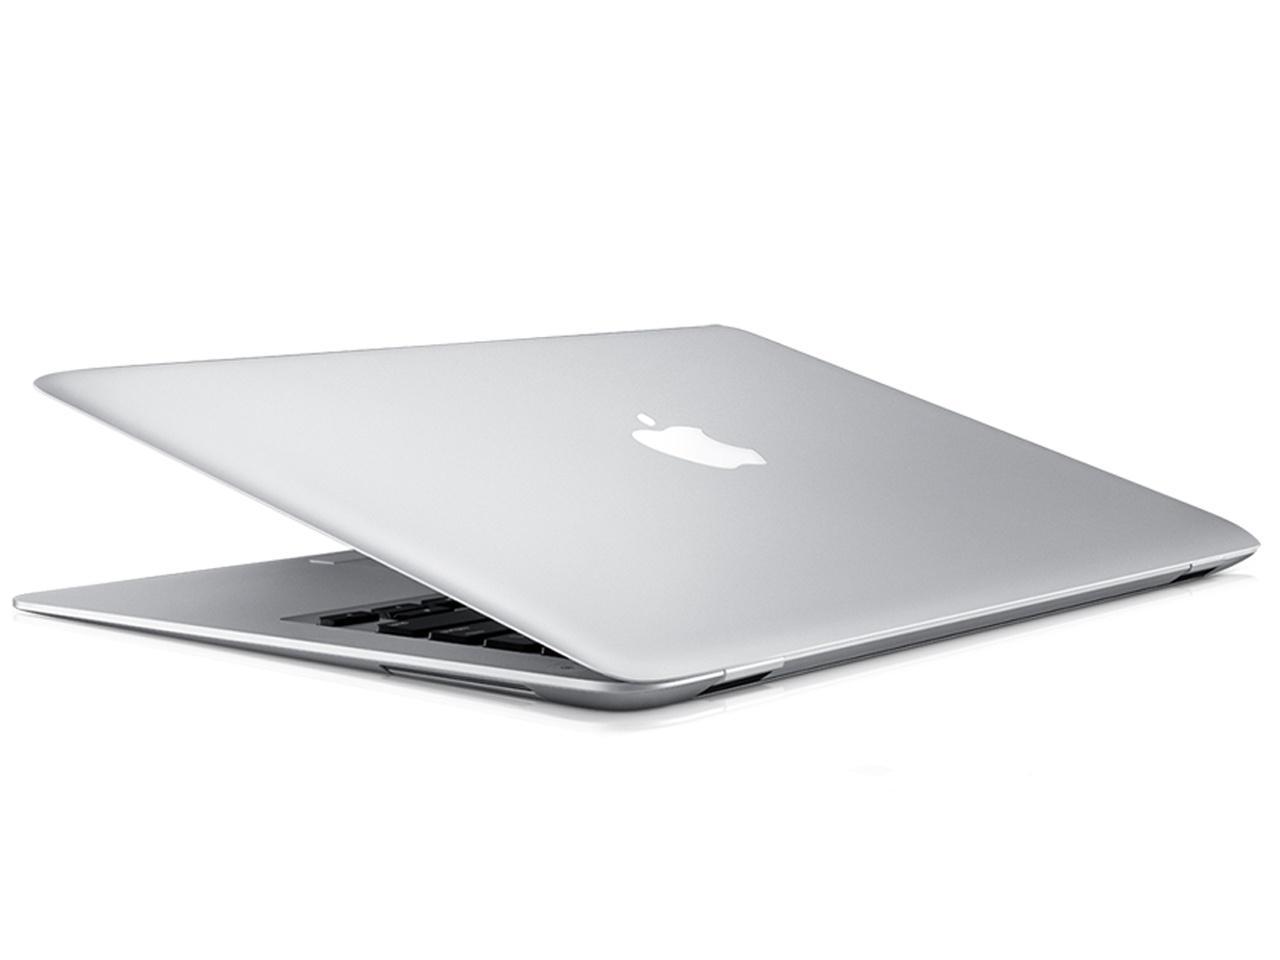 极致轻薄本 苹果MacBook Air古城开卖